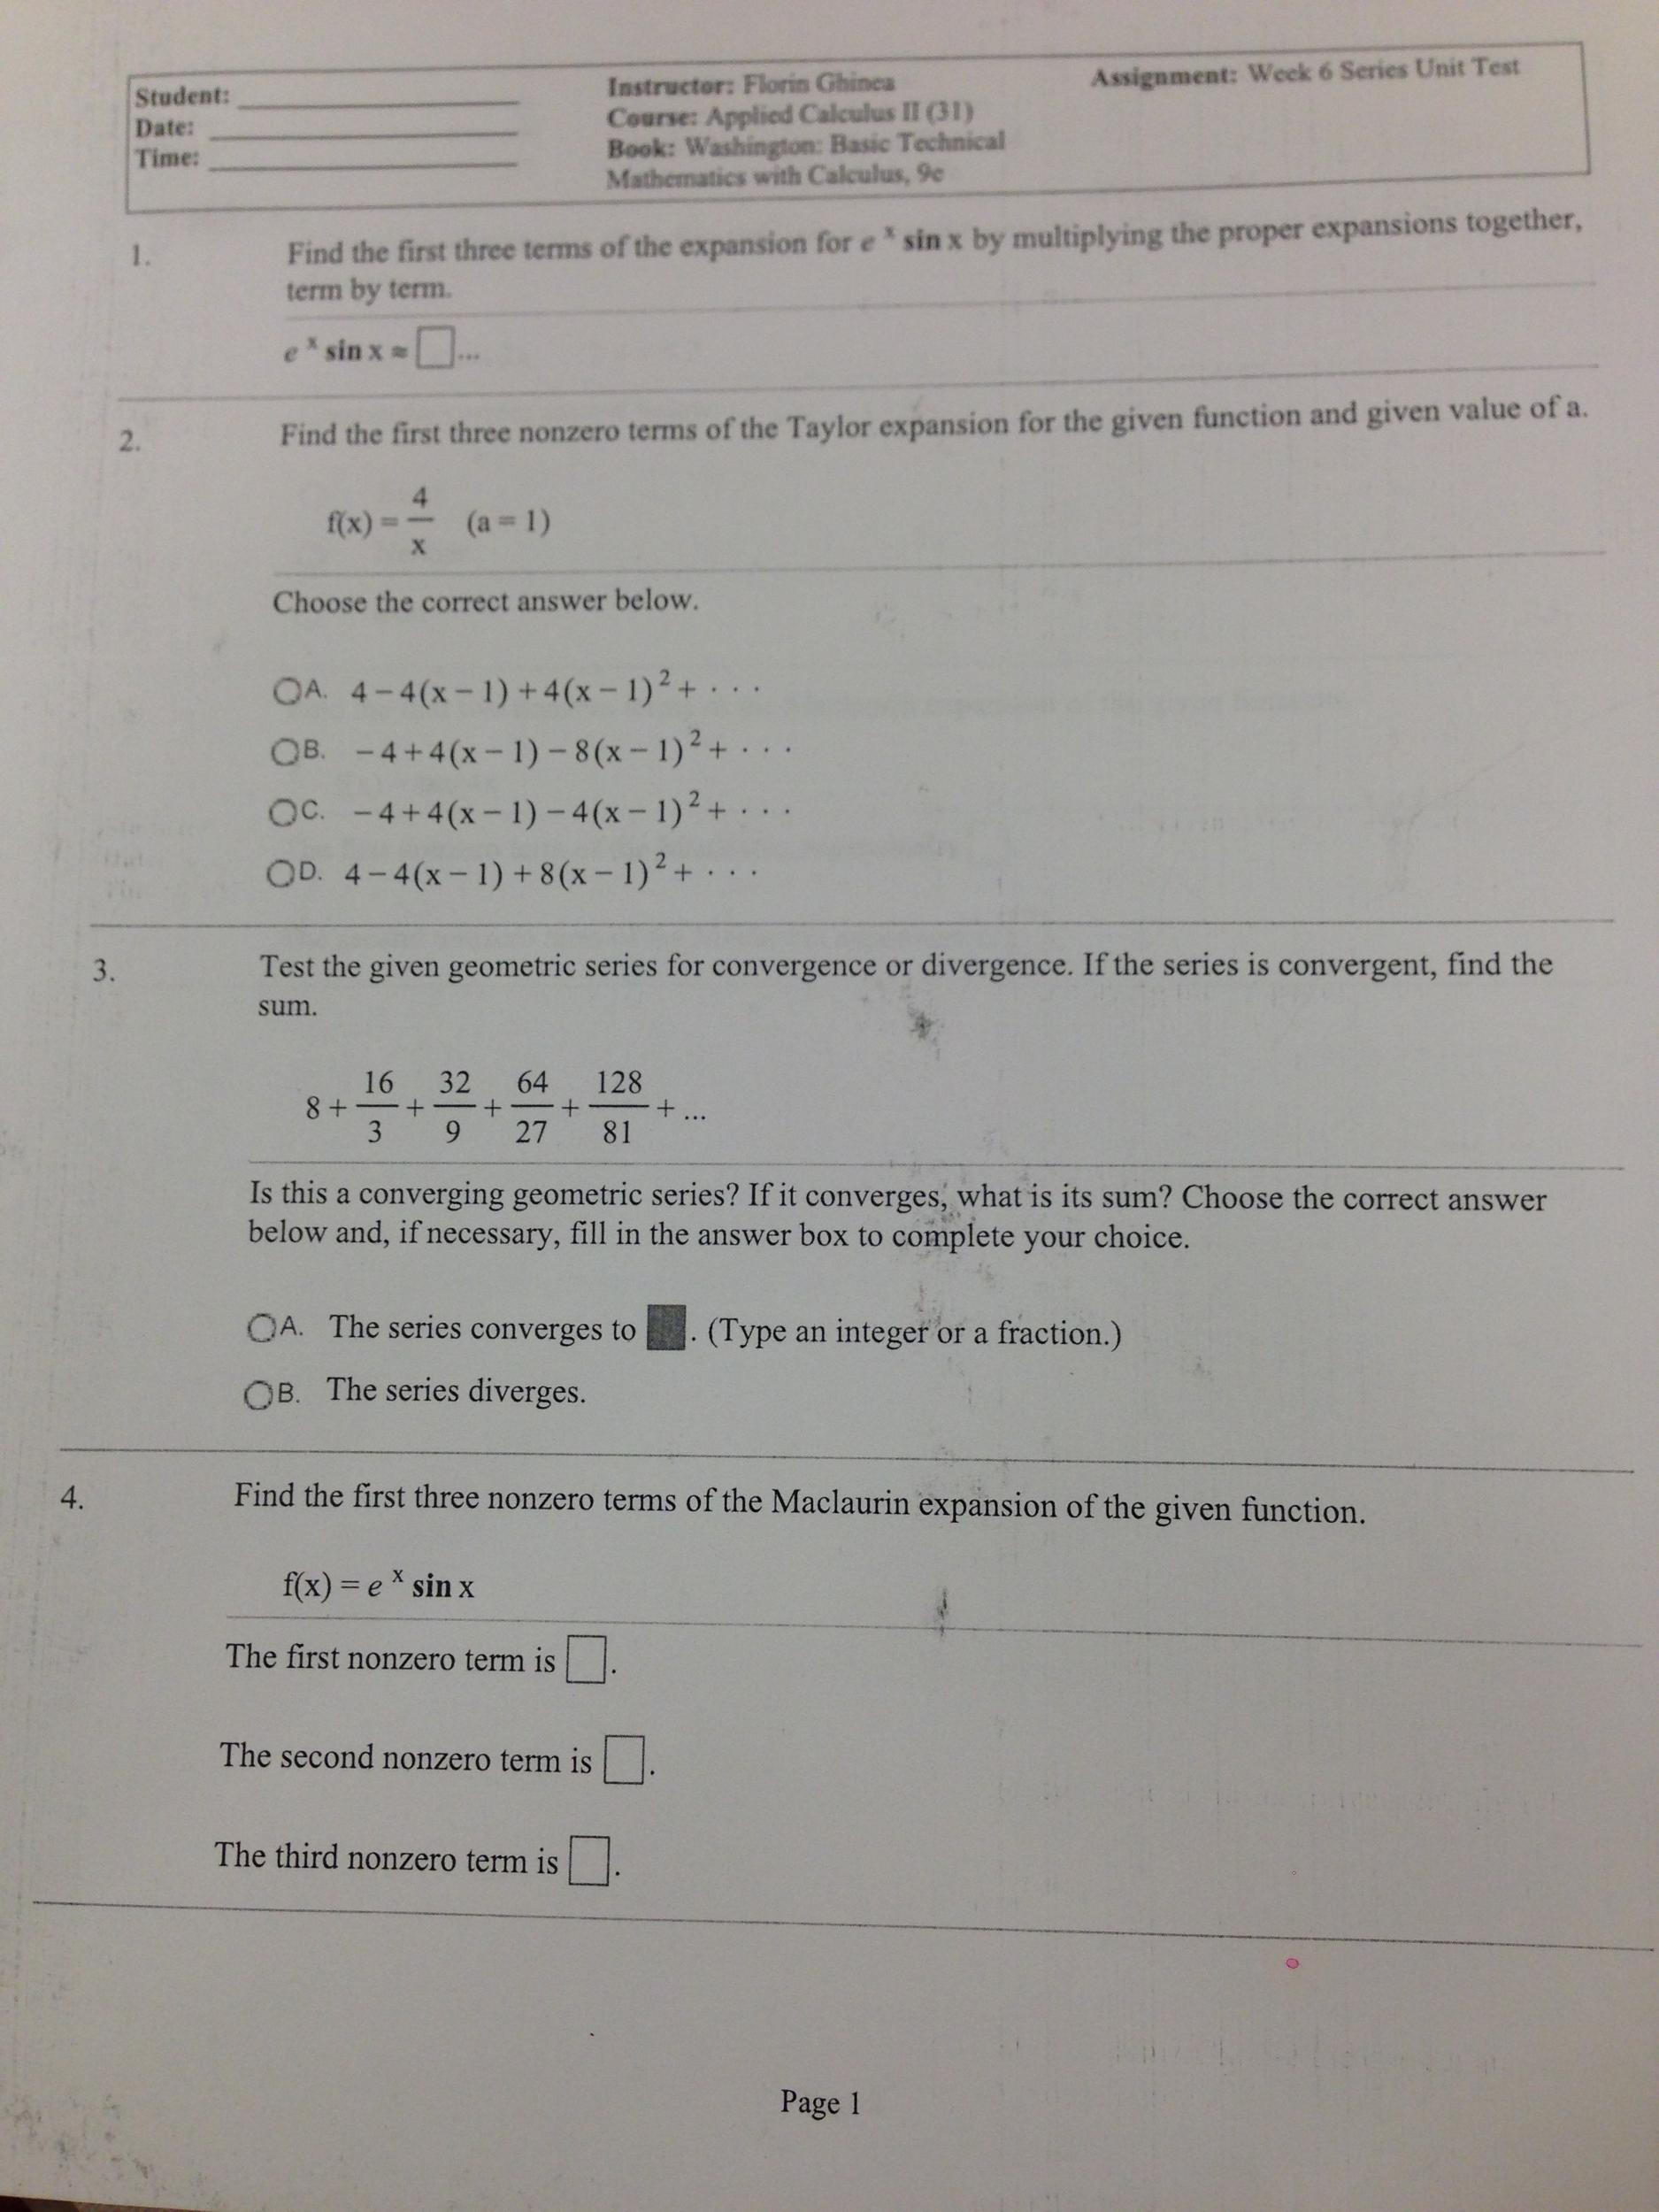 pdf труды по нематематике с приложением семиотических посланий колмогорова ан к автору и его